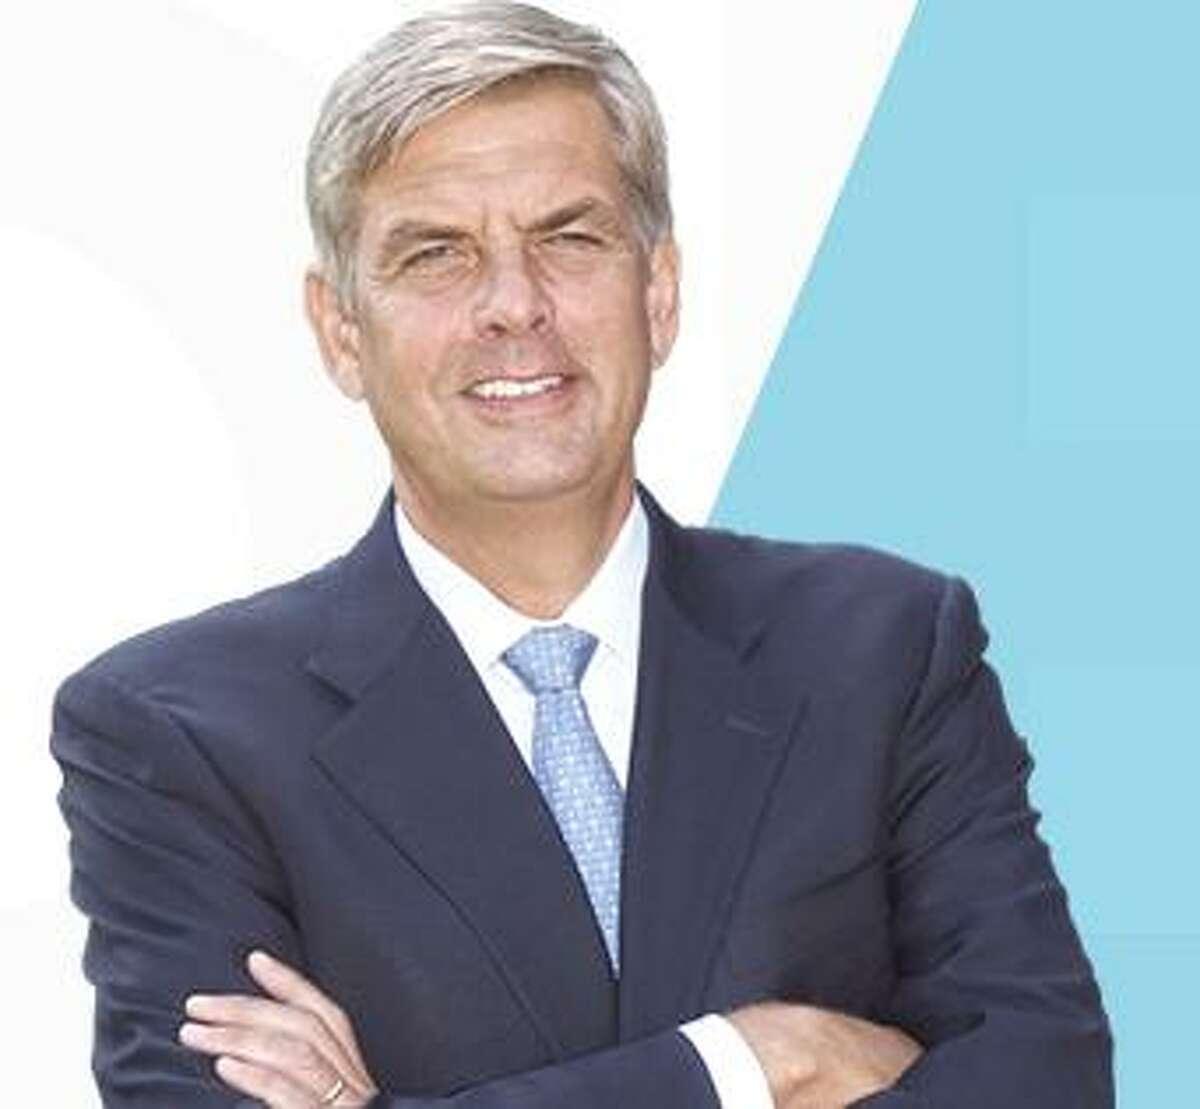 Republican Bob Stefanowski of Madison